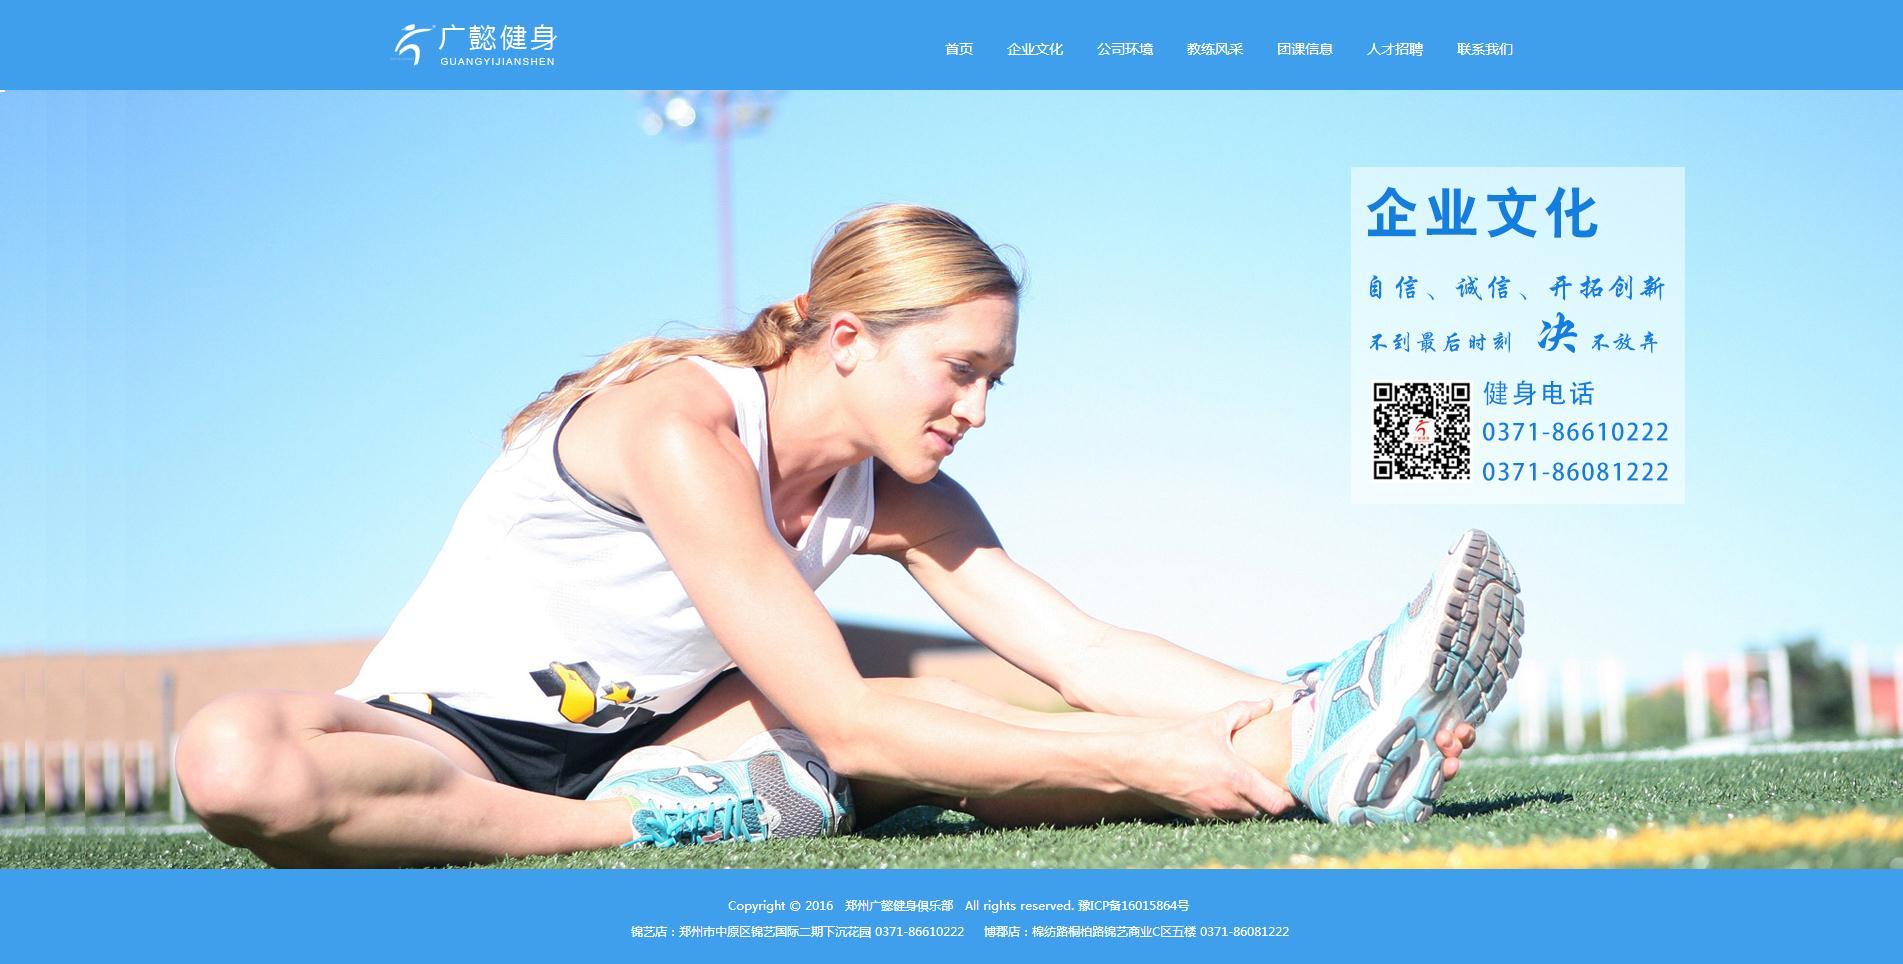 健身行业ope官方ope官方ope官方网站下载下载下载建设案例